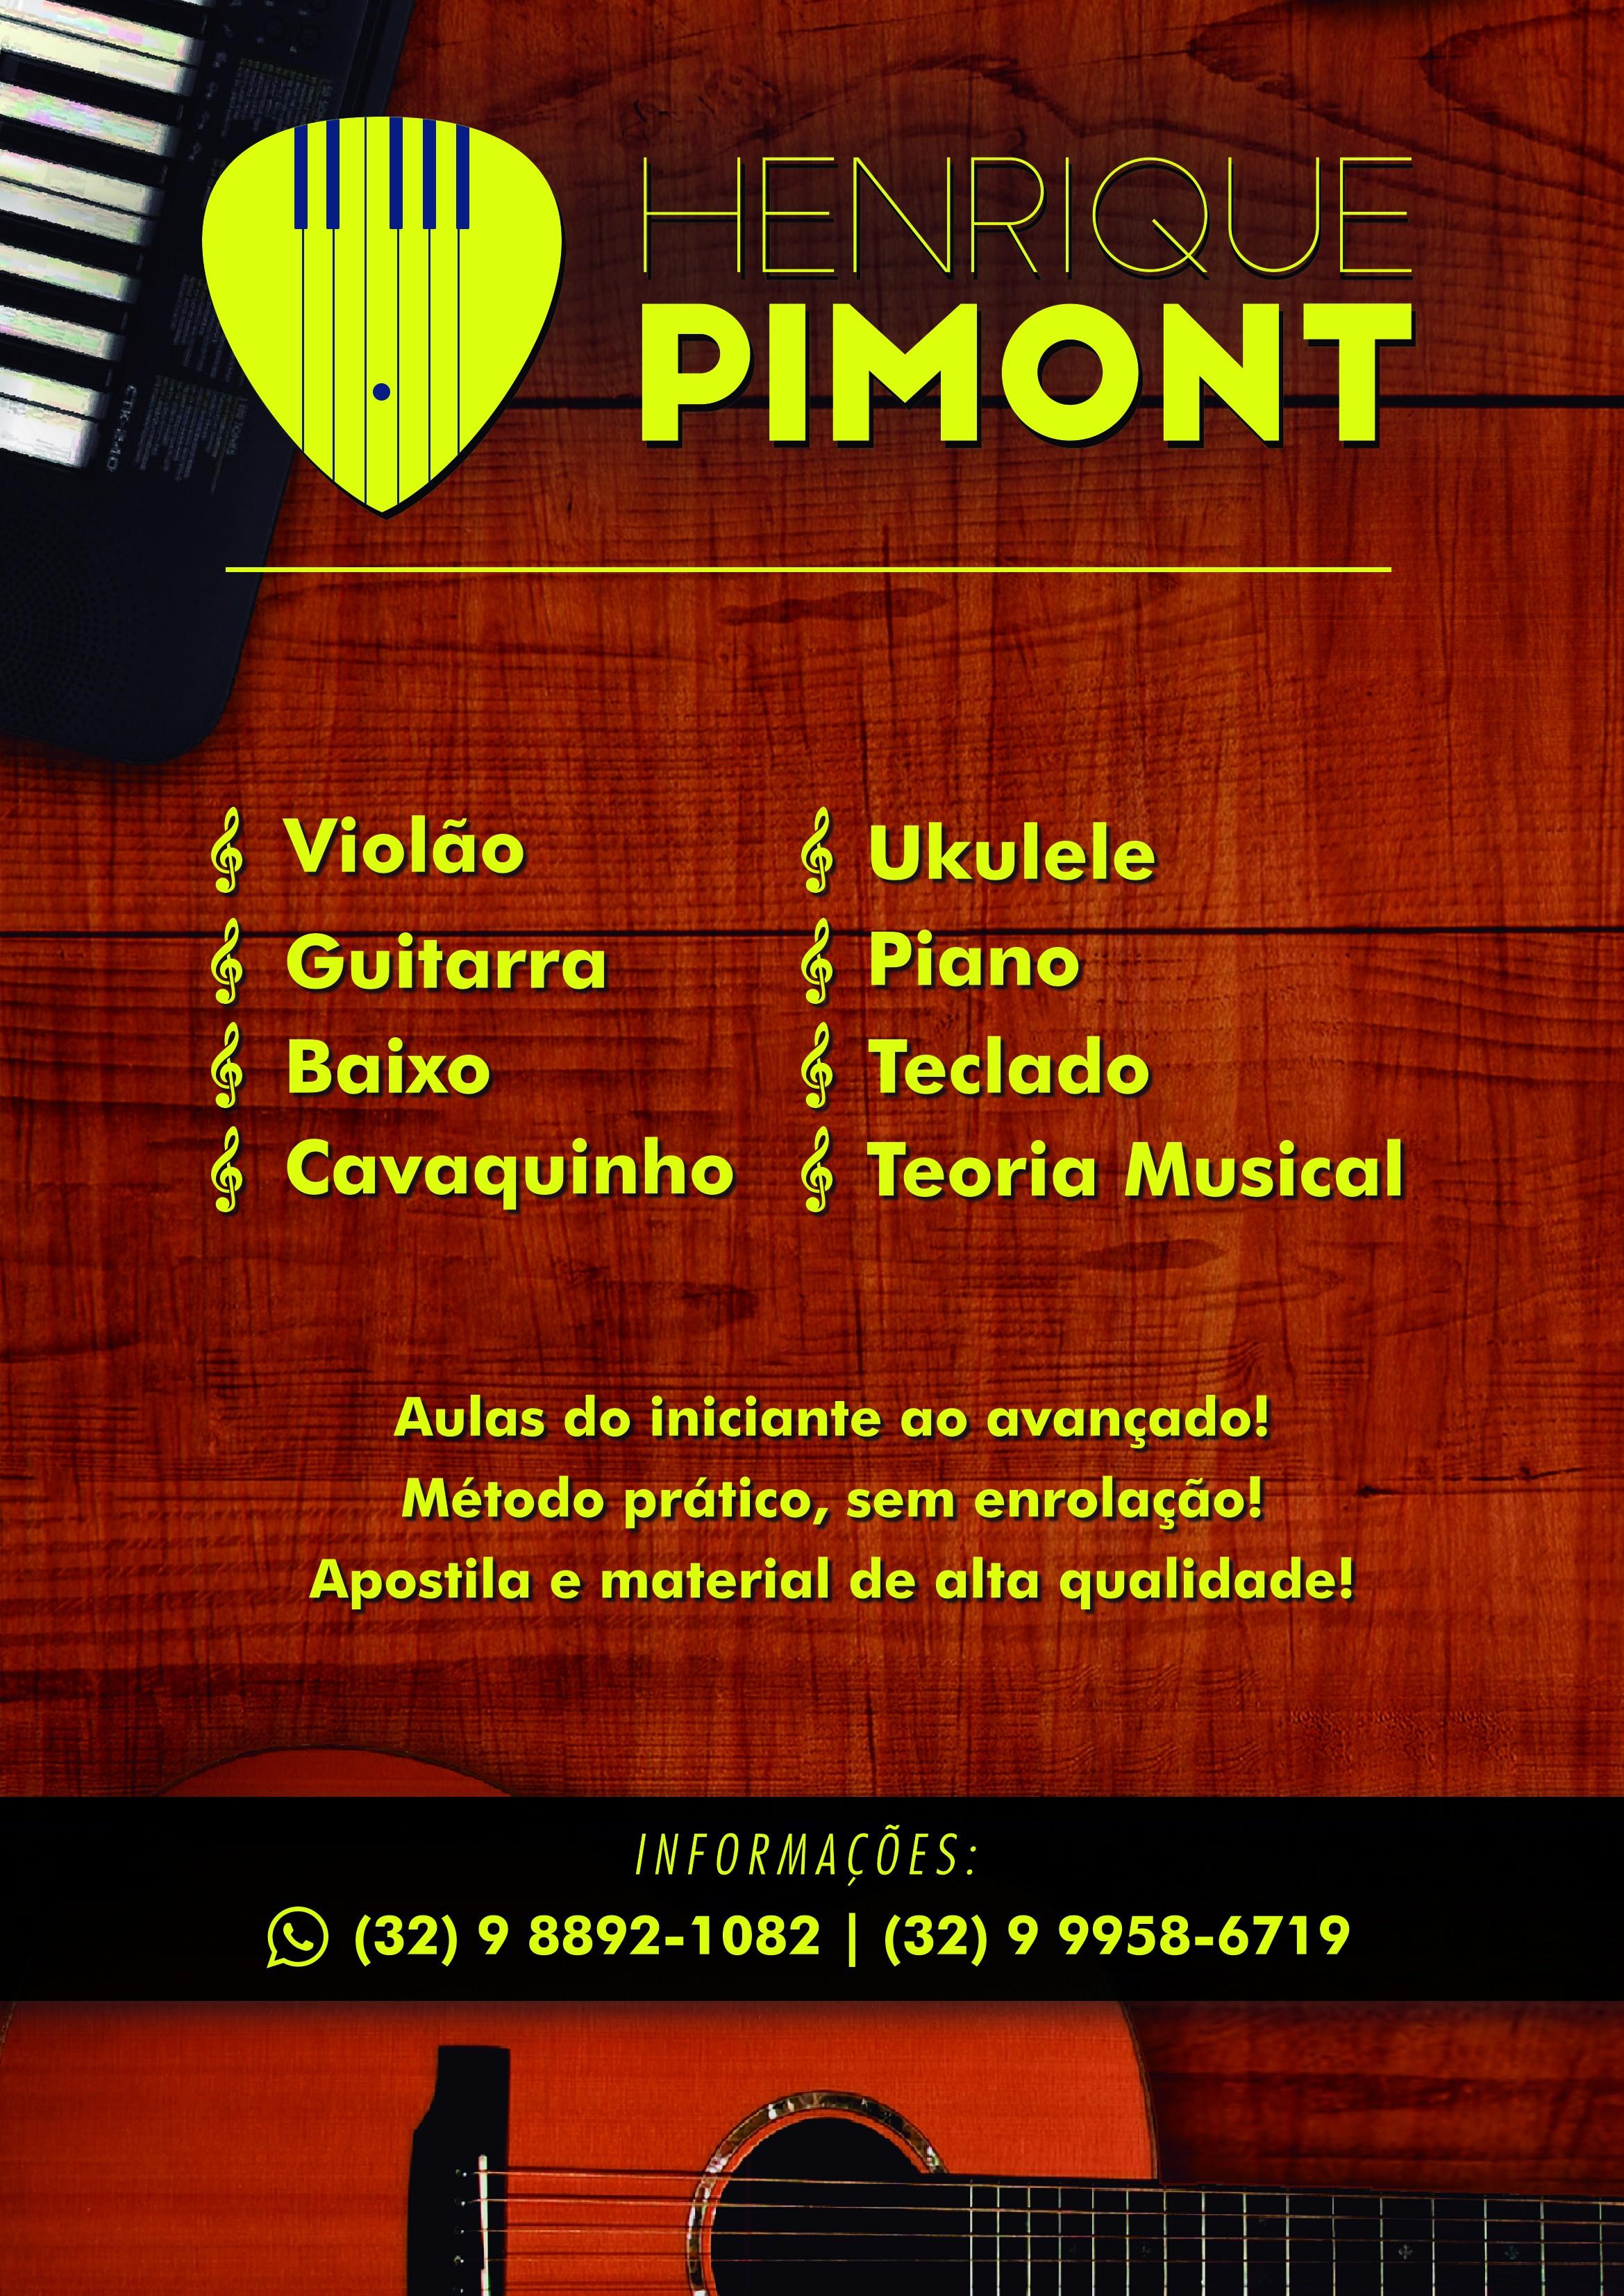 Aulas de violao, guitarra, baixo, teclado, piano, cavaquinho e ukulele